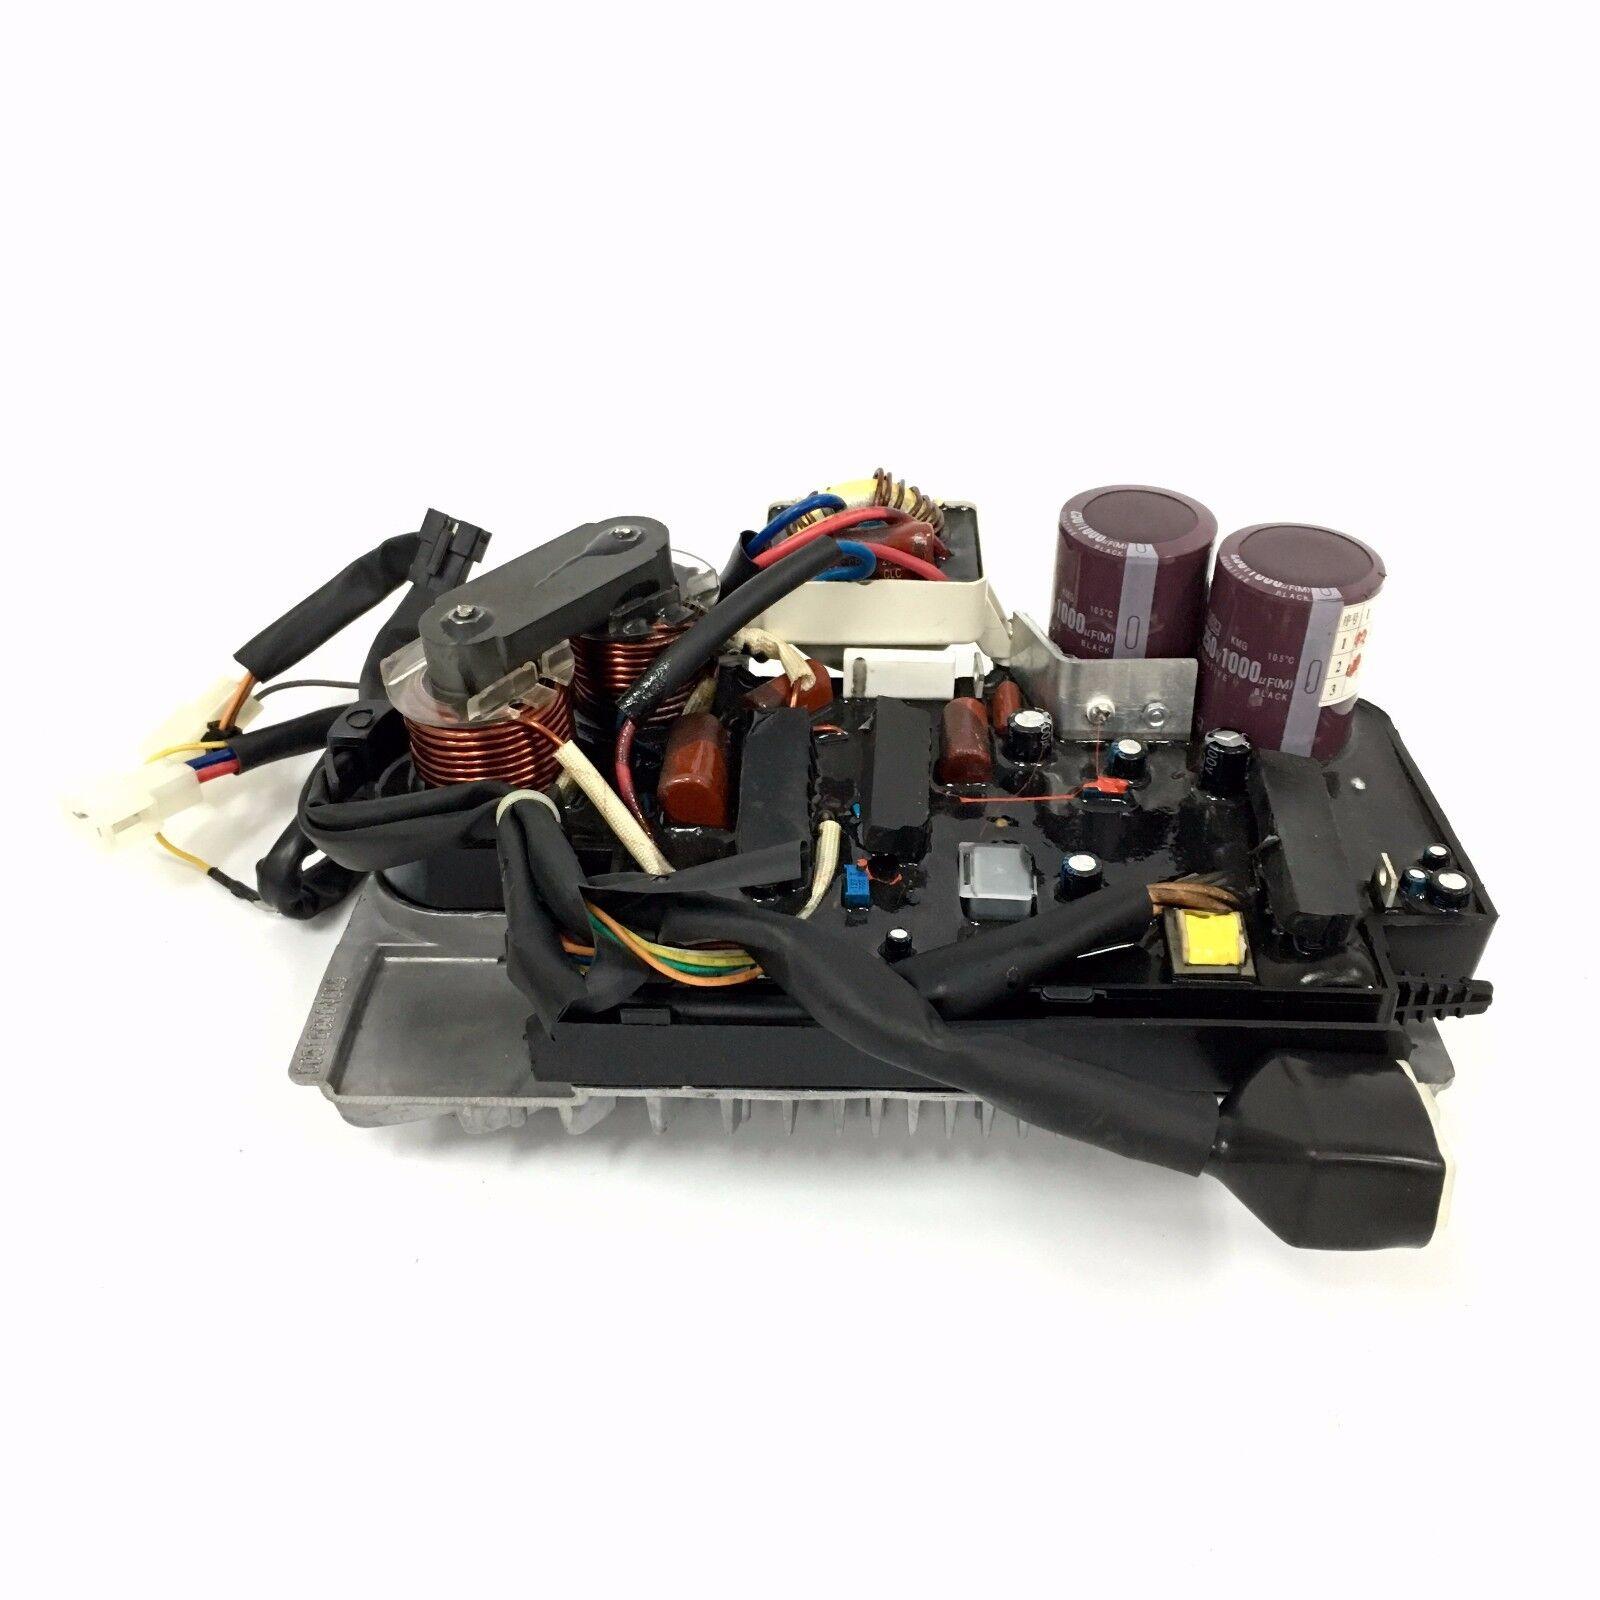 Miami Pickup Inverter For ETQ 1800 Watt Digital Inverter Gen